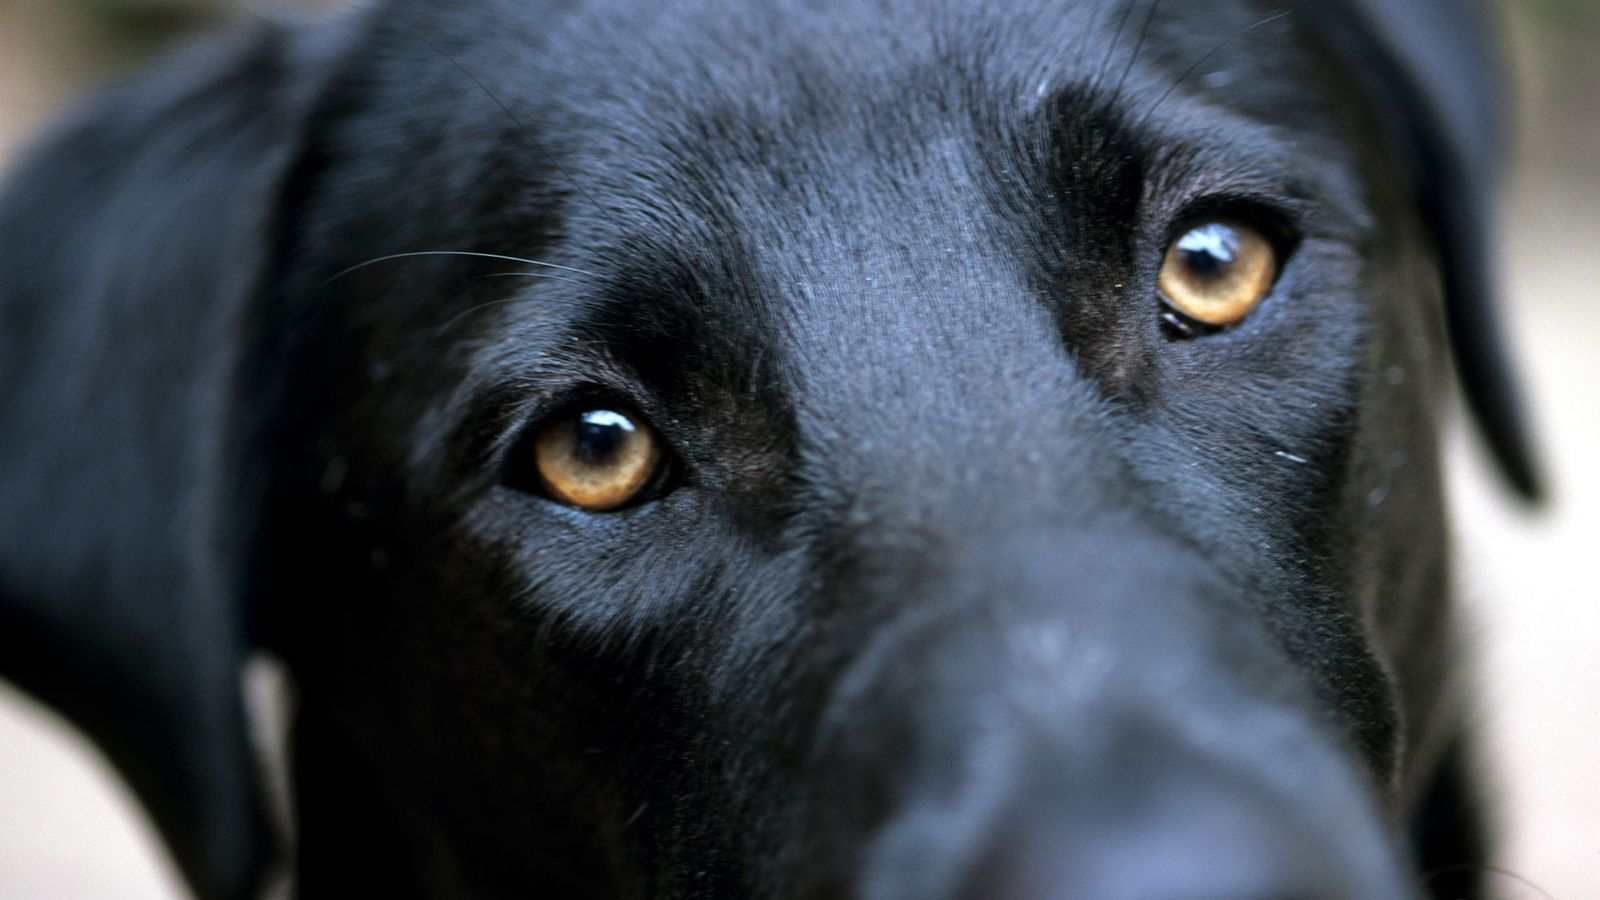 Ein schwarzer Labrador zieht die Augenbrauen hoch, als sich sein Blick und der des Fotografen treffen.